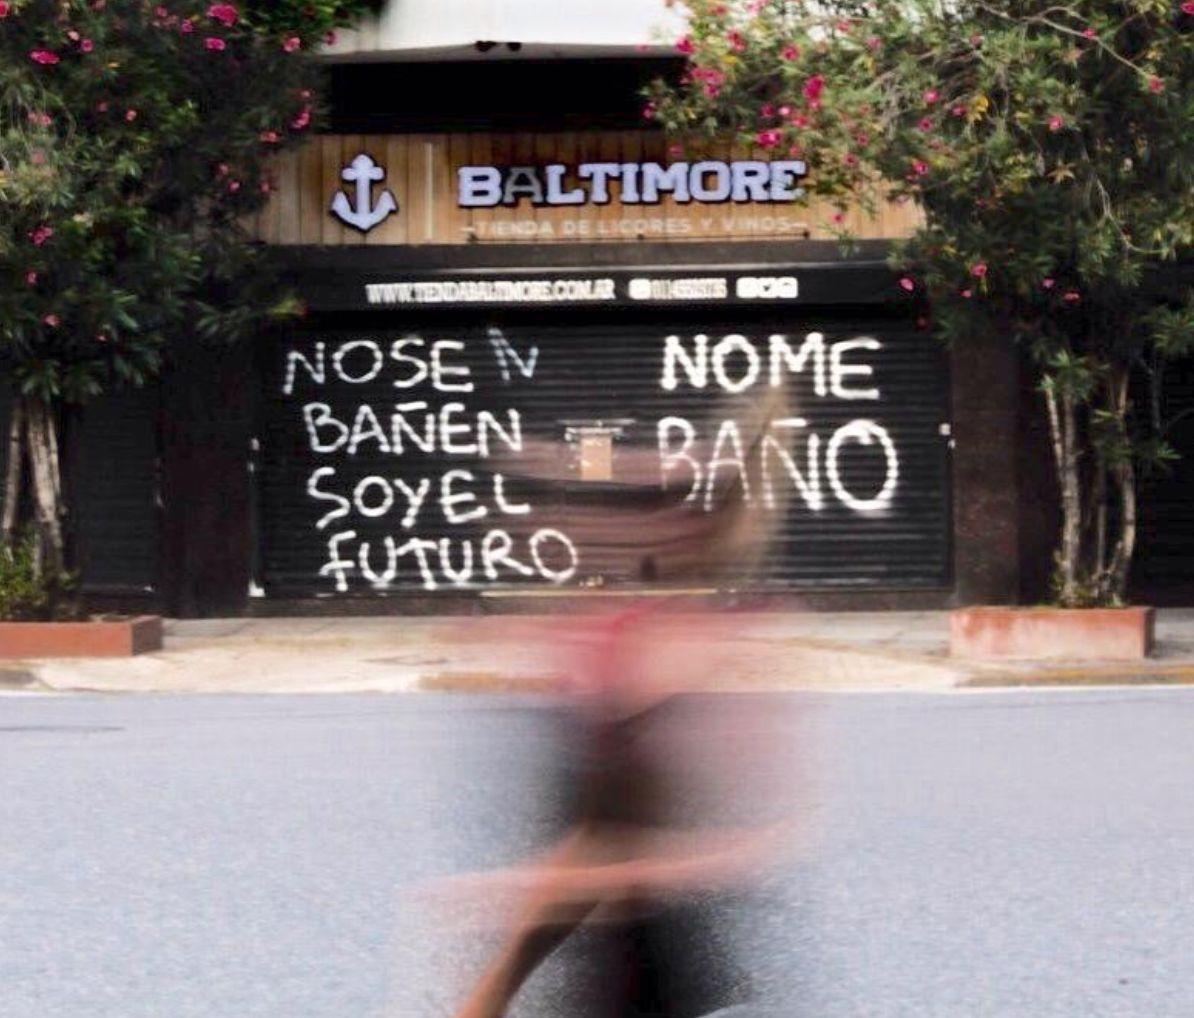 Jugando a no bañarse: ¿es solo vandalismo graffitear?